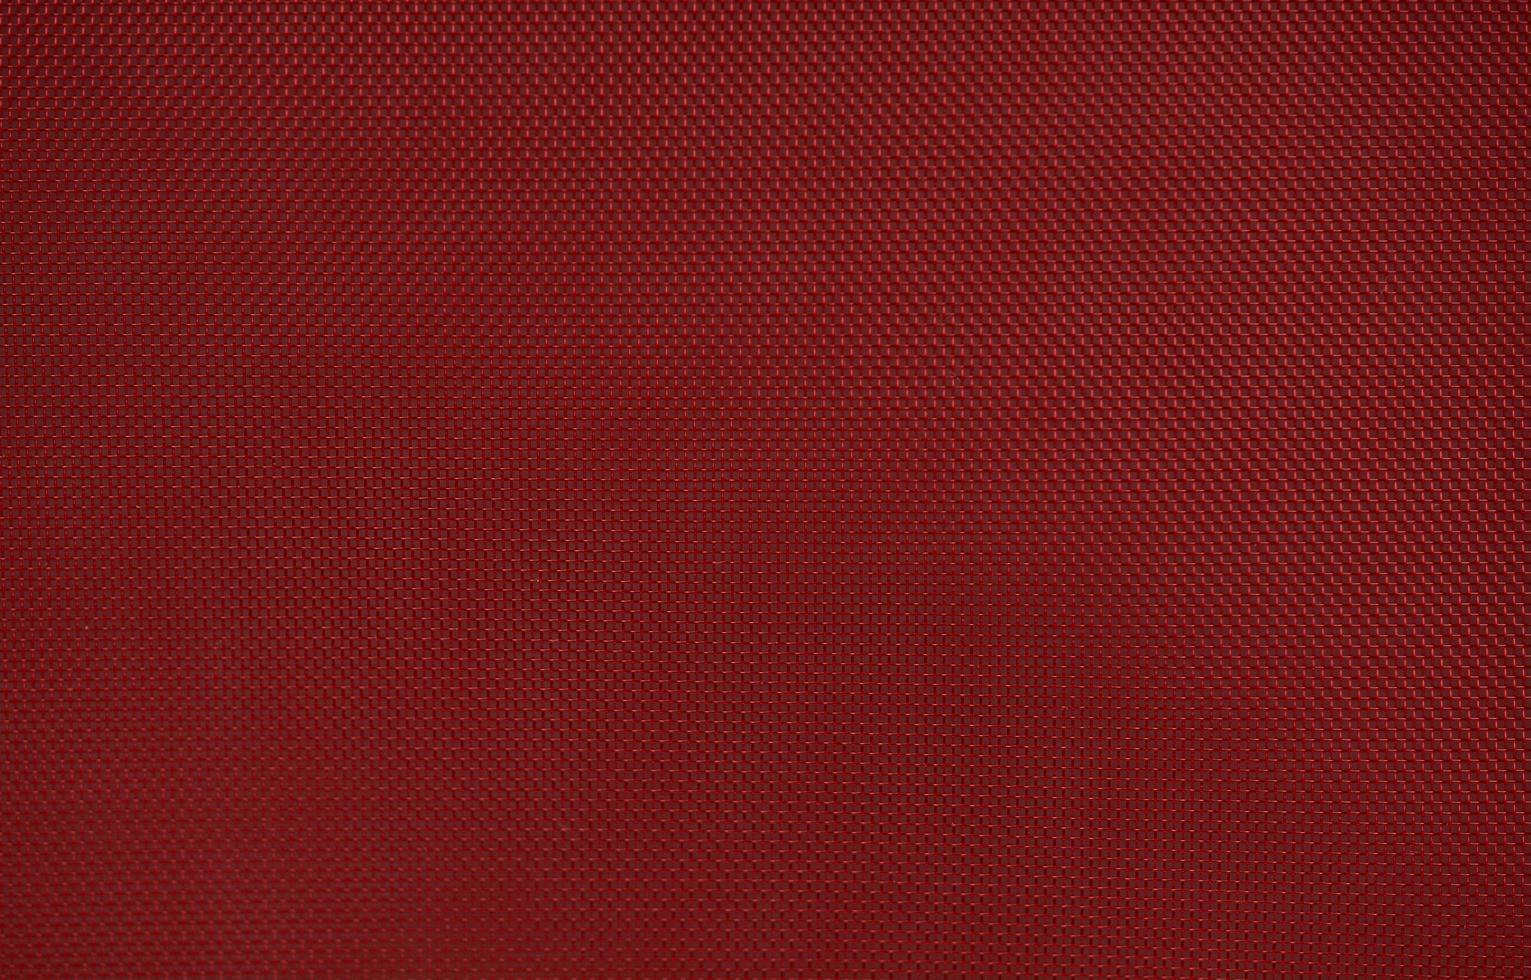 Fondo de textura de tela de nailon rojo con forma hexagonal foto